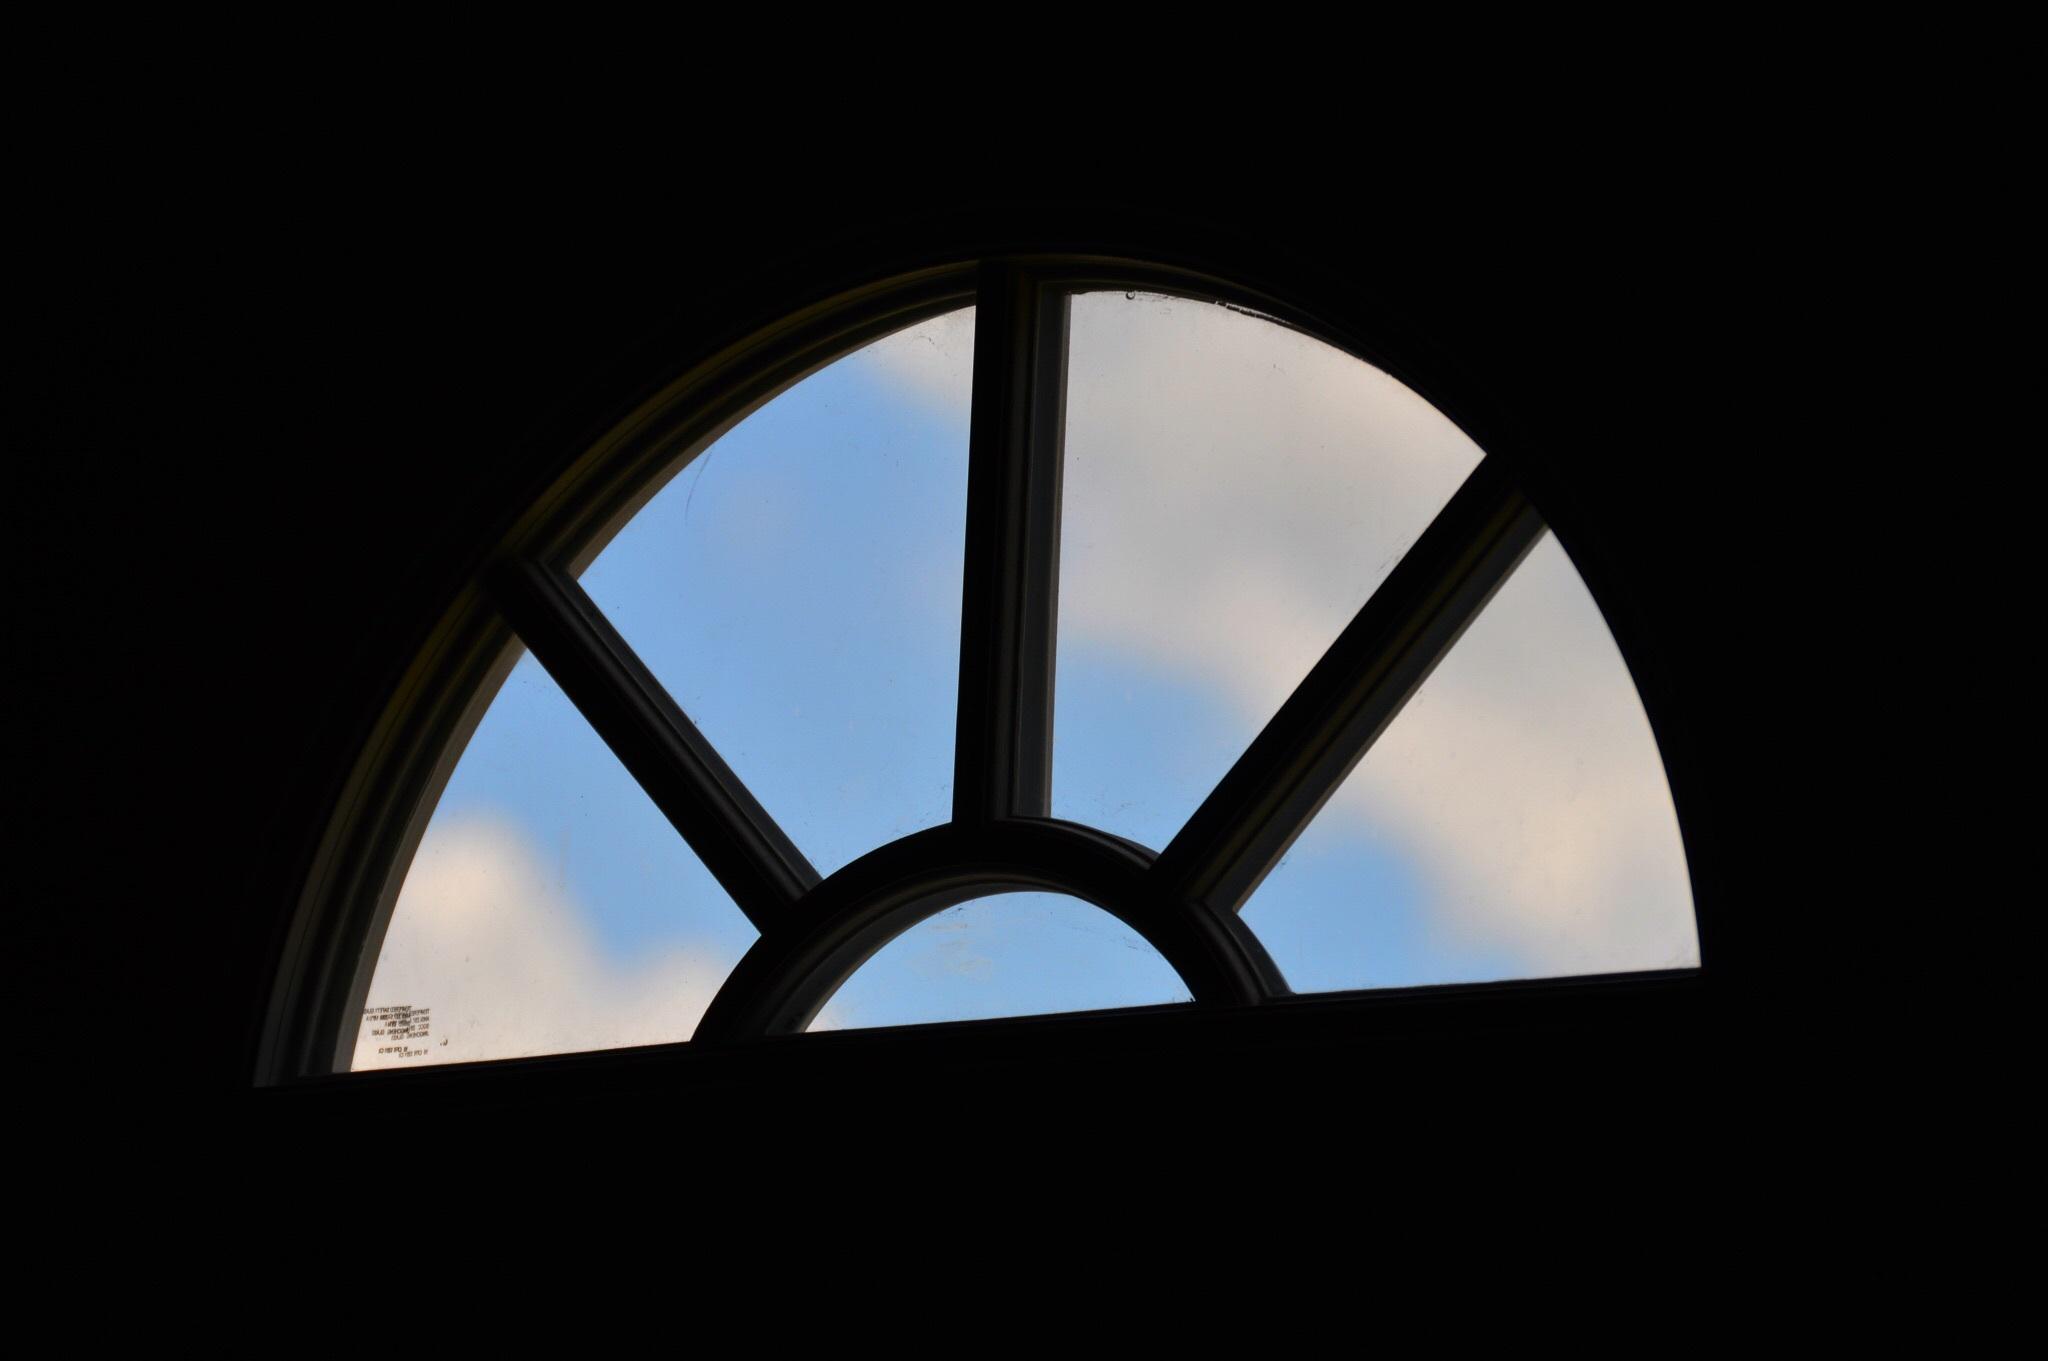 Kostenlose foto : Licht, Himmel, Weiß, Sonnenlicht, Innere, Fenster ...